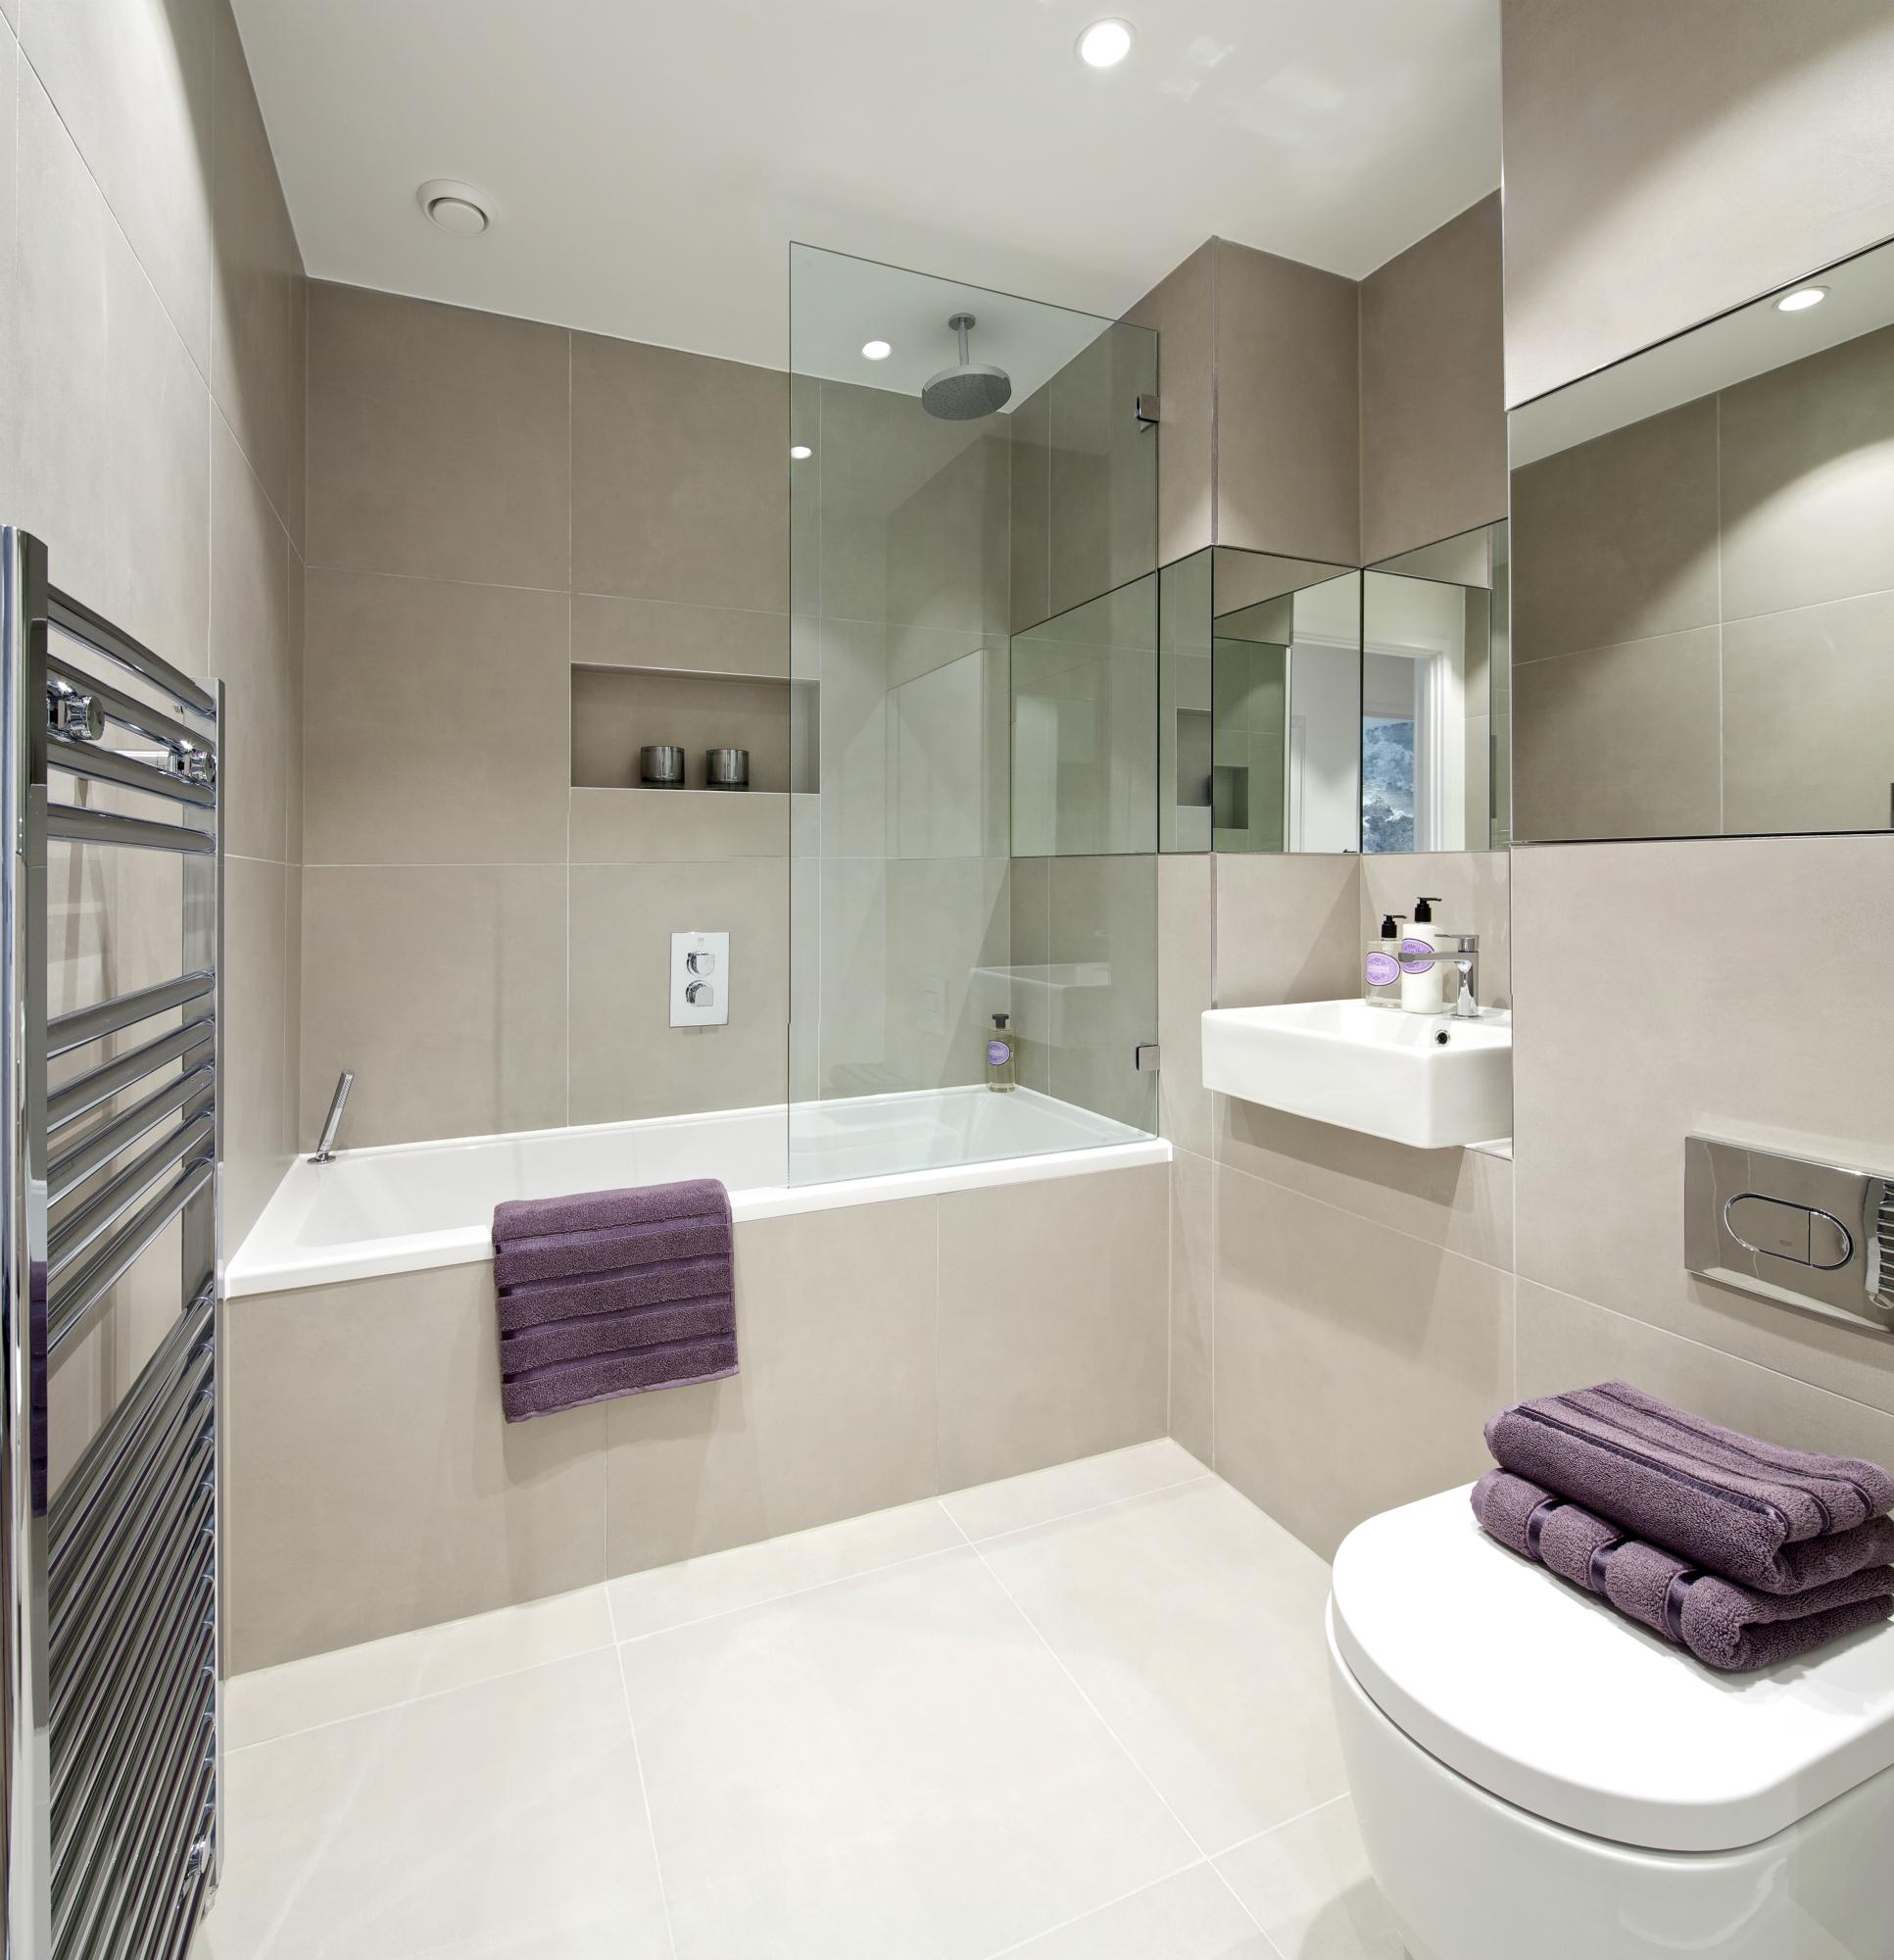 Идея для маленькой ванной комнаты - совмещенный санузел. Фото 6